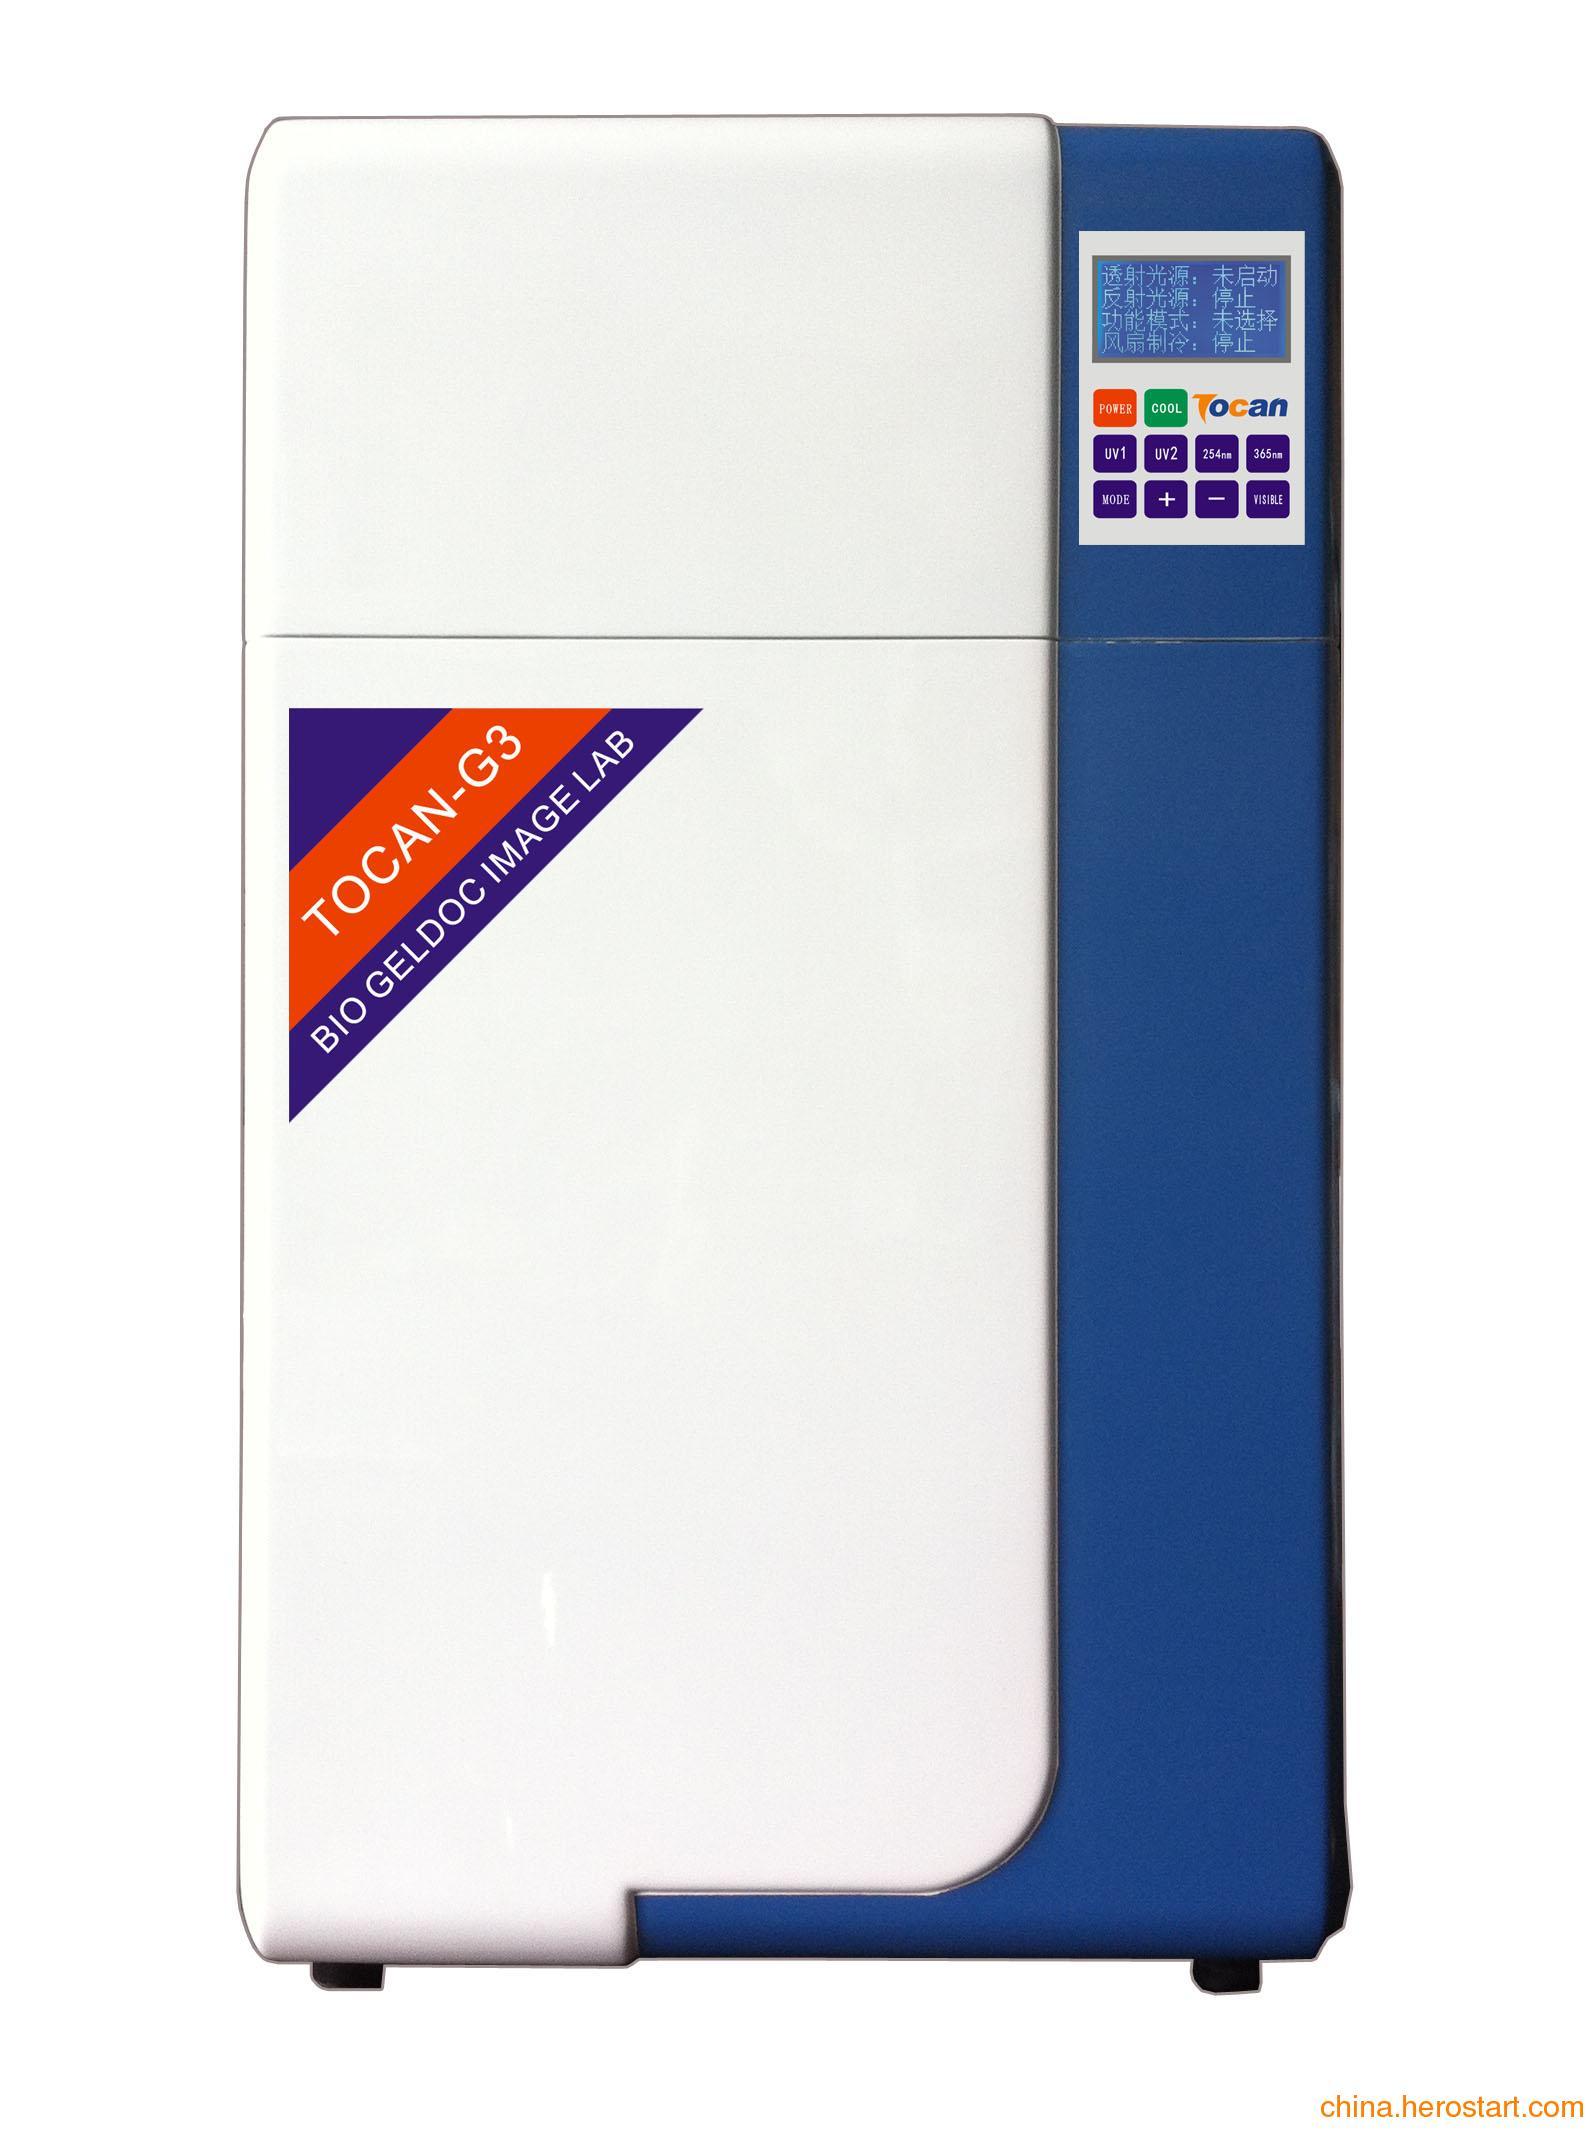 供应领成新款TOCAN-G3 凝胶成像系统 凝胶成像系统价格